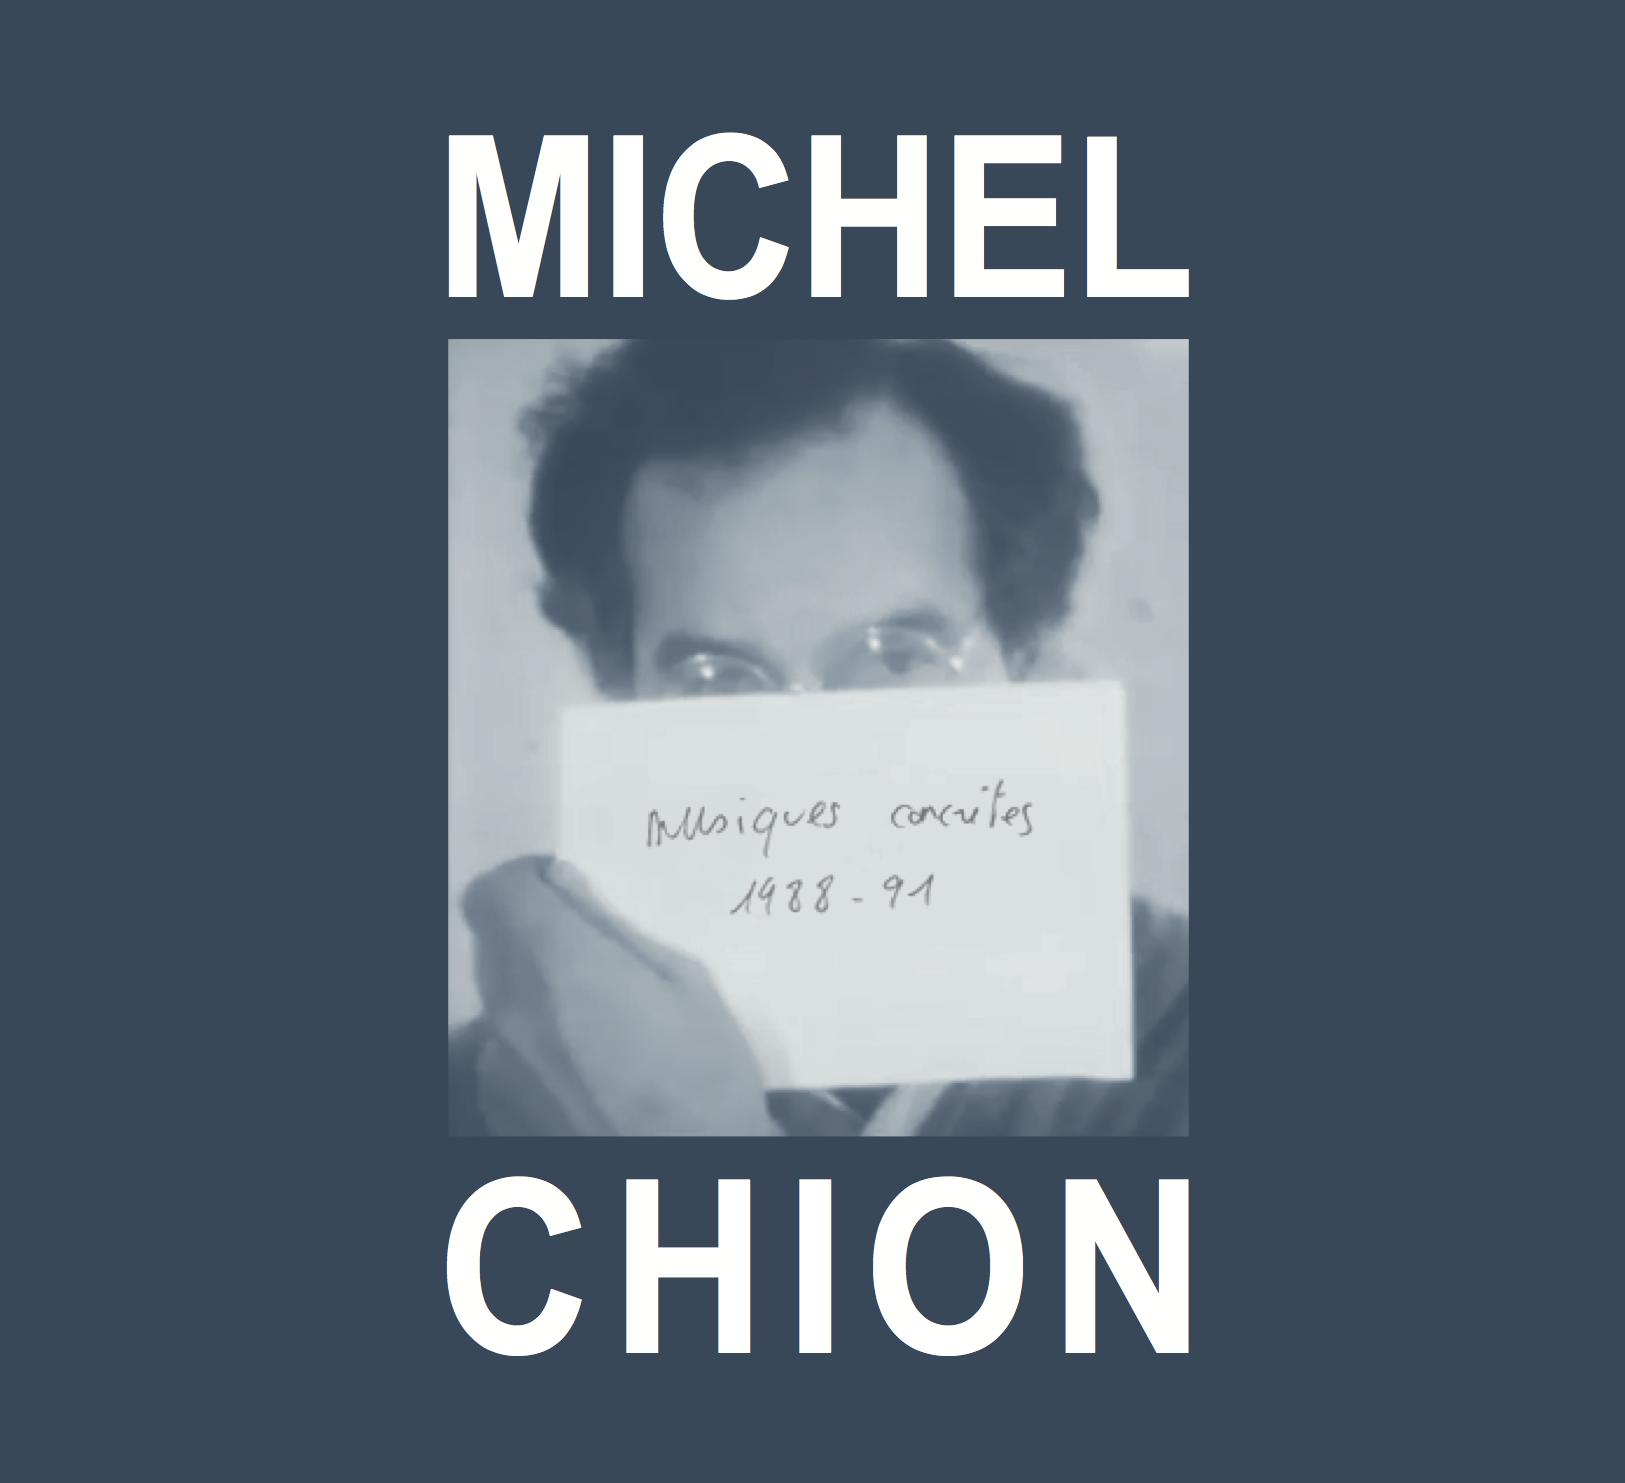 Michel chion musiques concretes 1988 91